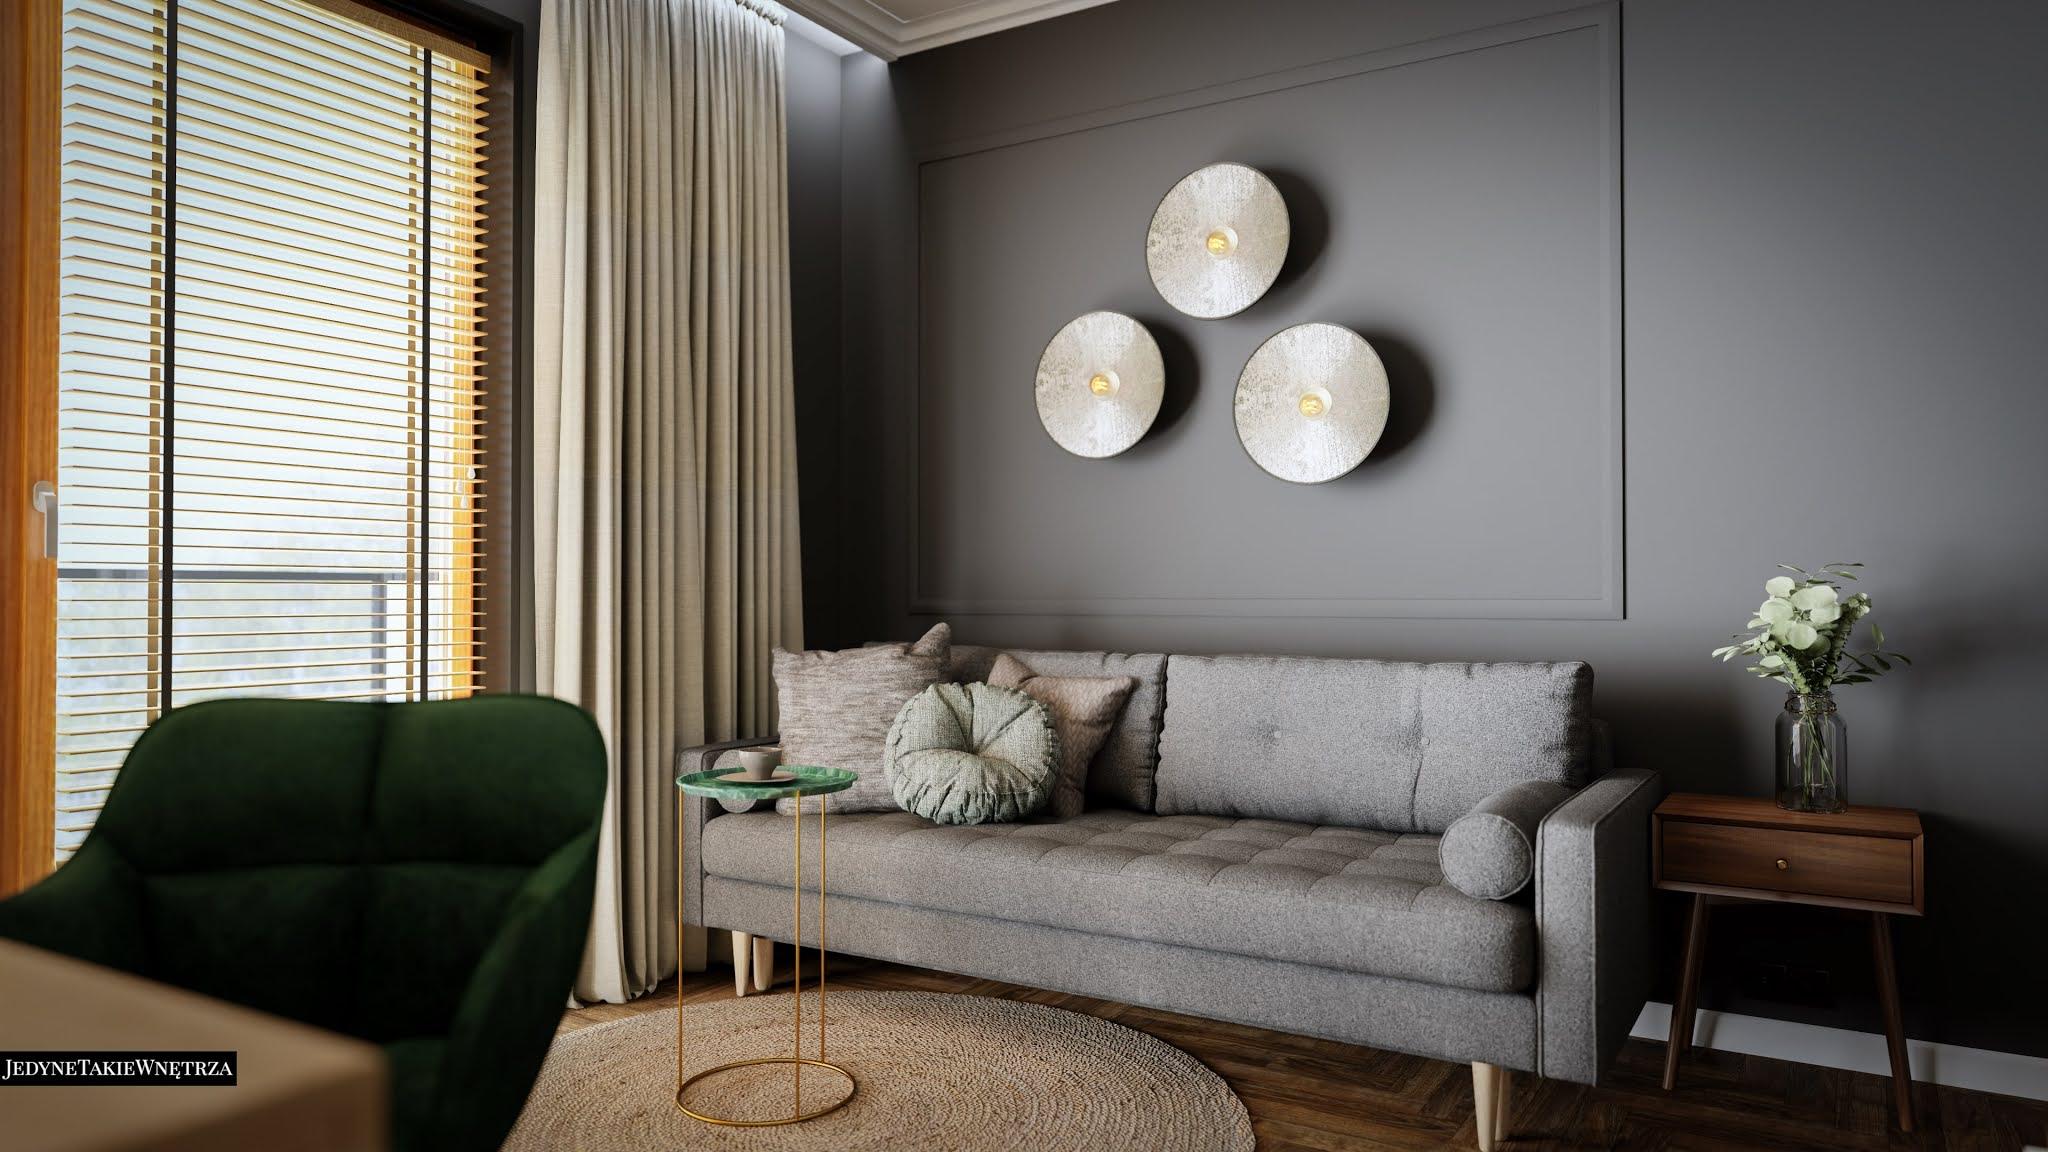 Elegancki salon z szarą kanapą, obok której stoi stolik kawowy na pozłacanych nóżkach. Ścianę zdobią listwy ścienne.